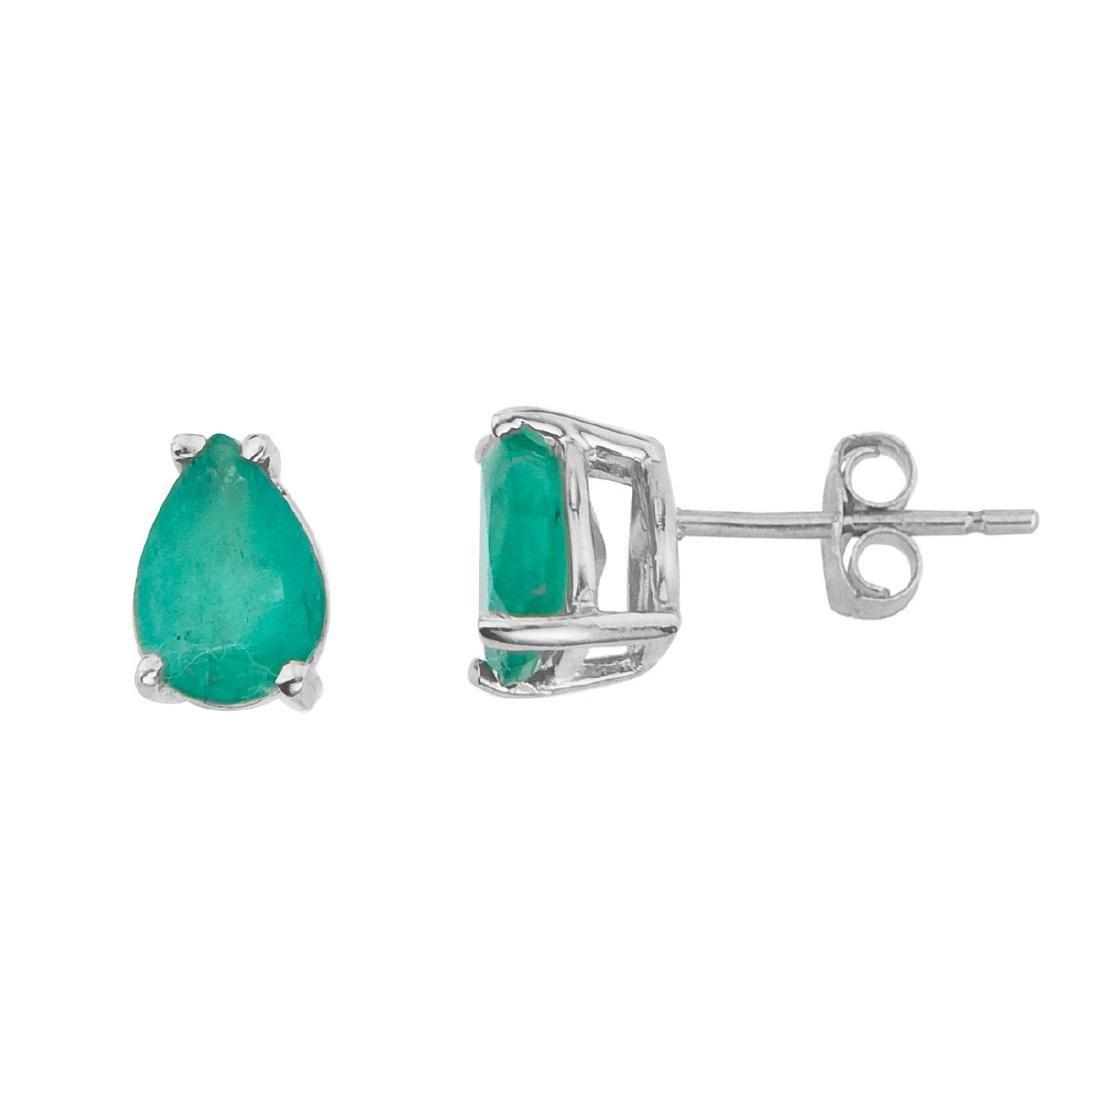 Certified 14k White Gold Pear Shaped Emerald Earrings